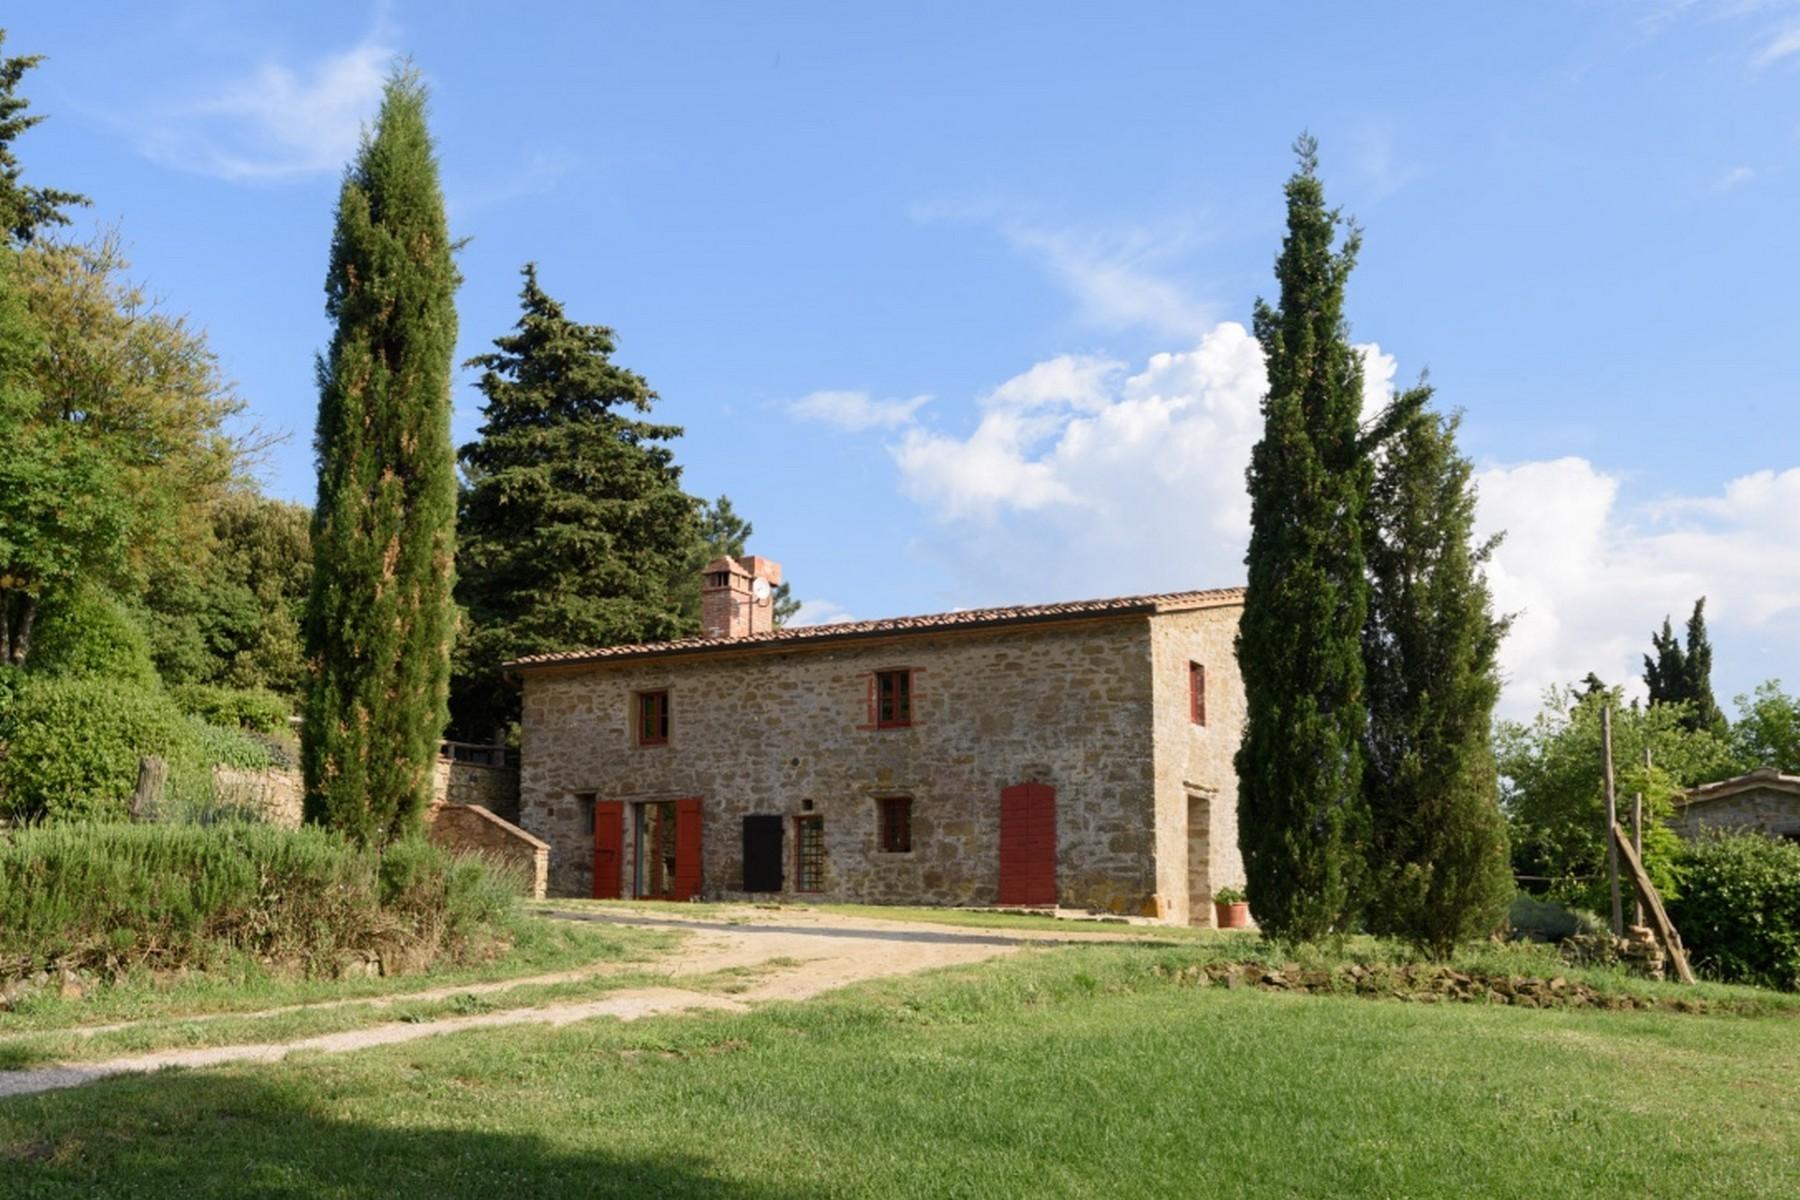 Villa in Vendita a Monte San Savino: 5 locali, 381 mq - Foto 21